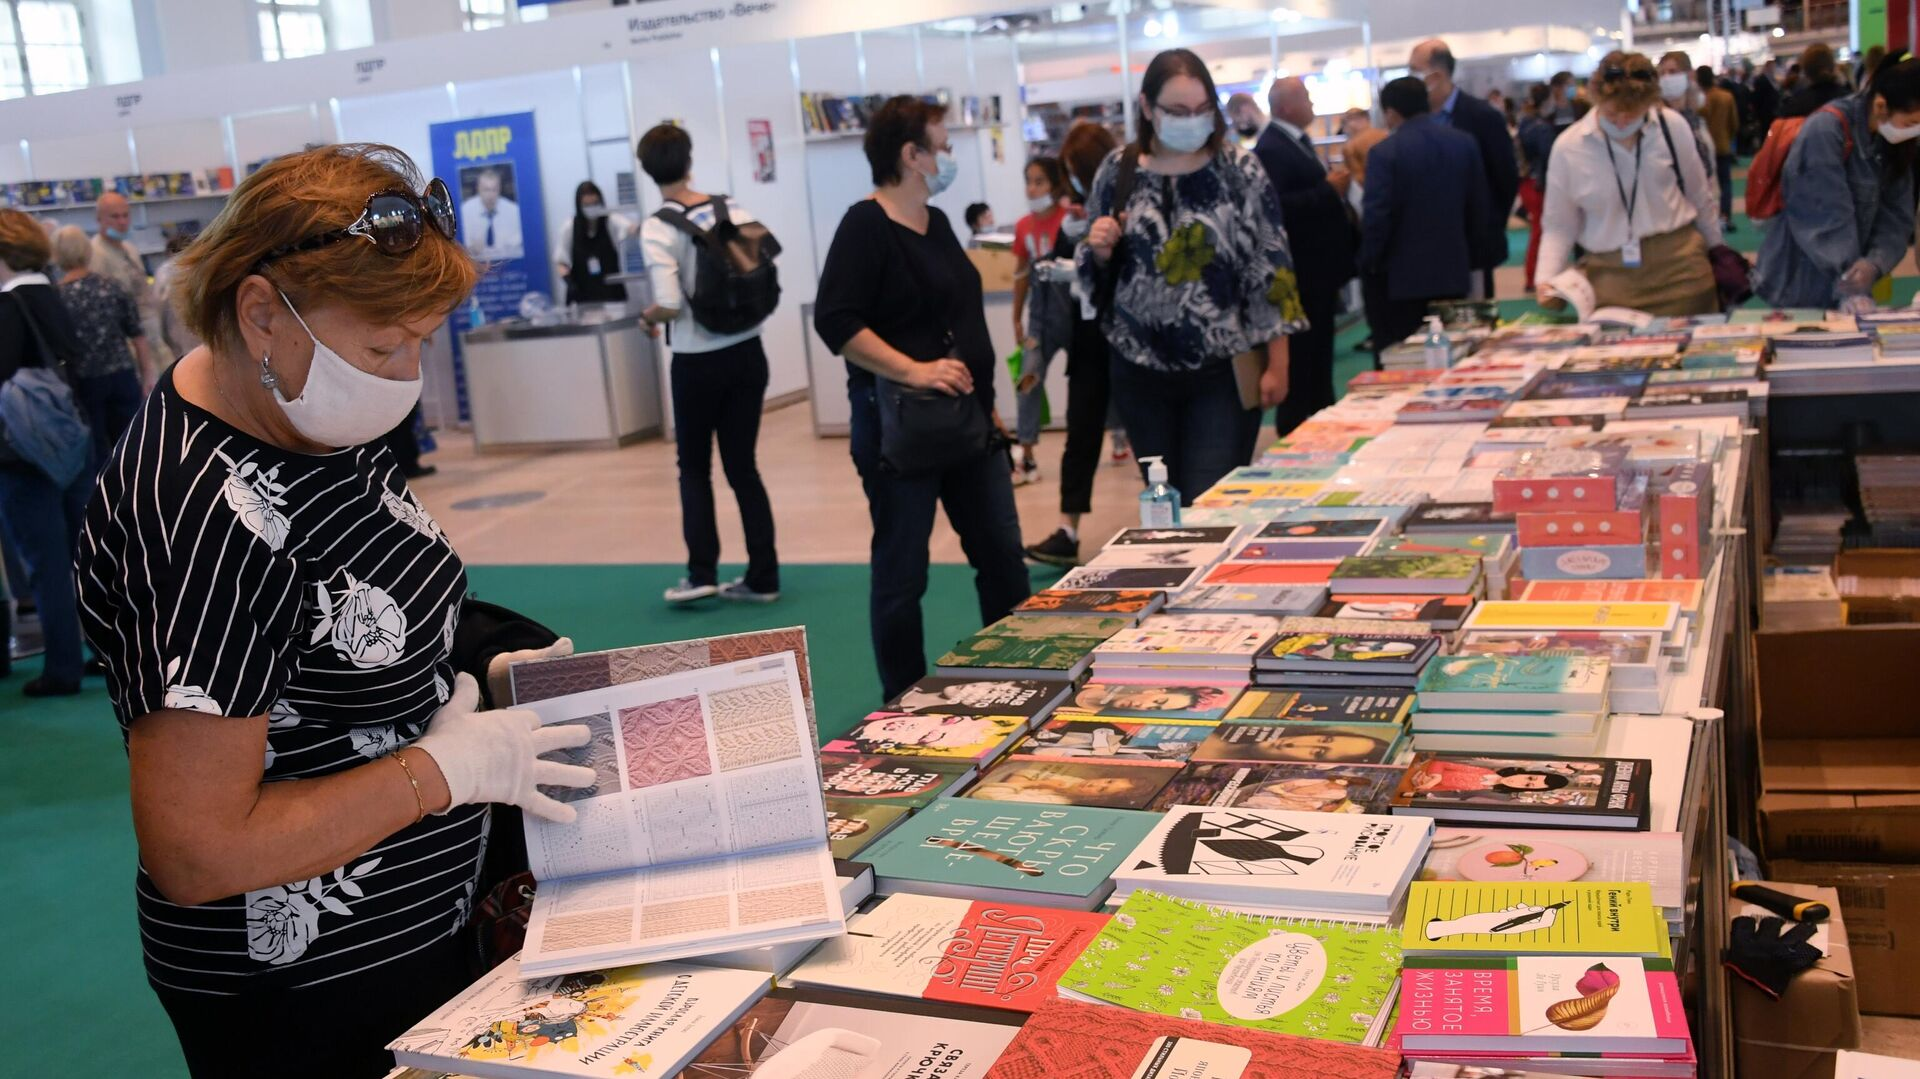 Посетители на 33-й Московской международной книжной выставке-ярмарке в Москве - РИА Новости, 1920, 03.09.2020